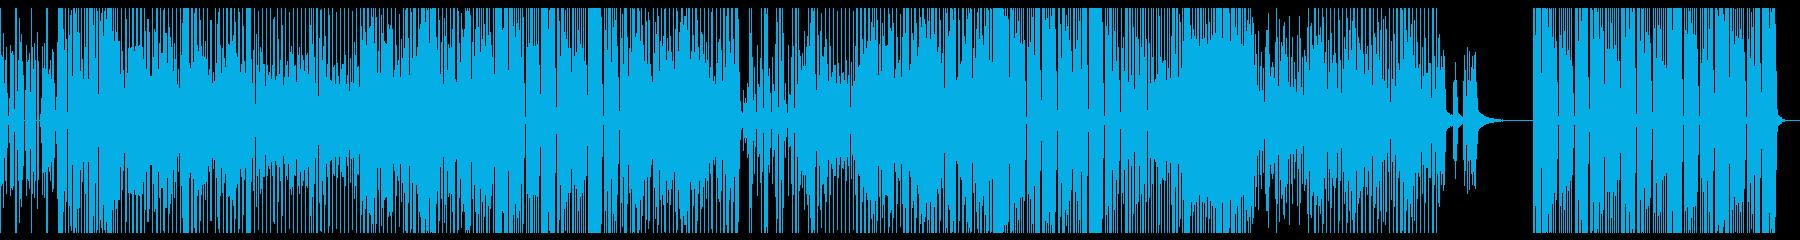 ファンキーで軽快なテクノポップの再生済みの波形